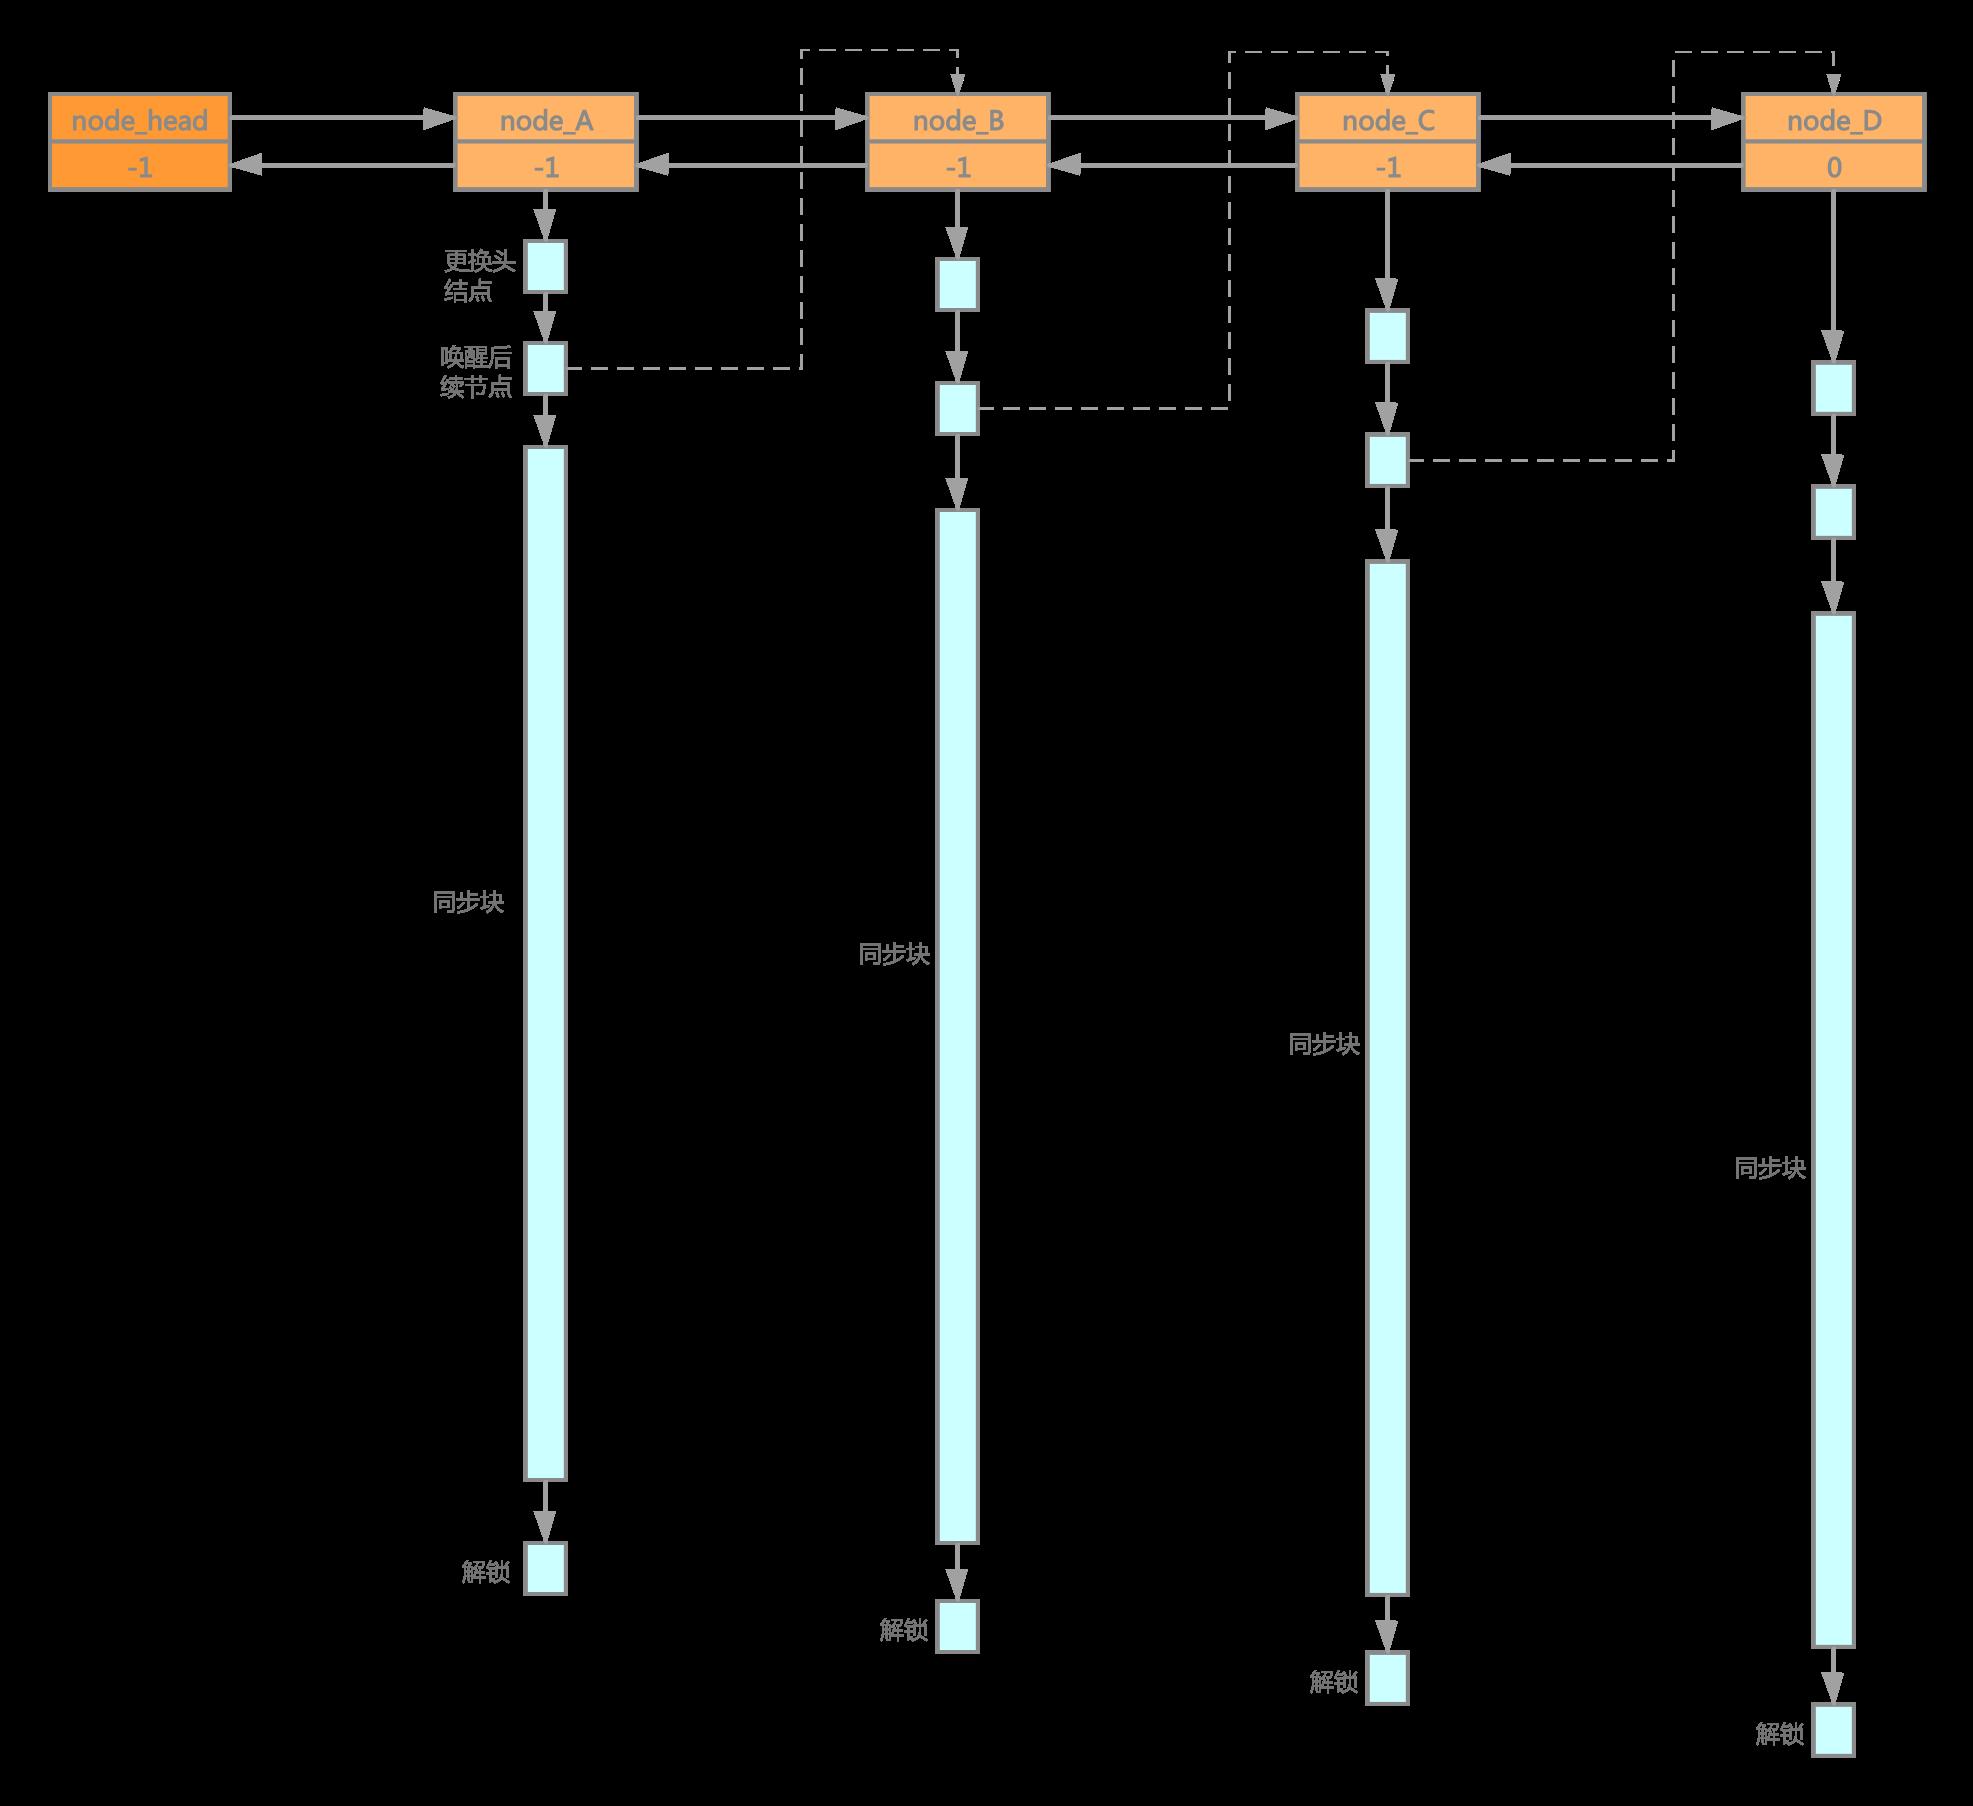 共享鎖阻塞佇列併發度